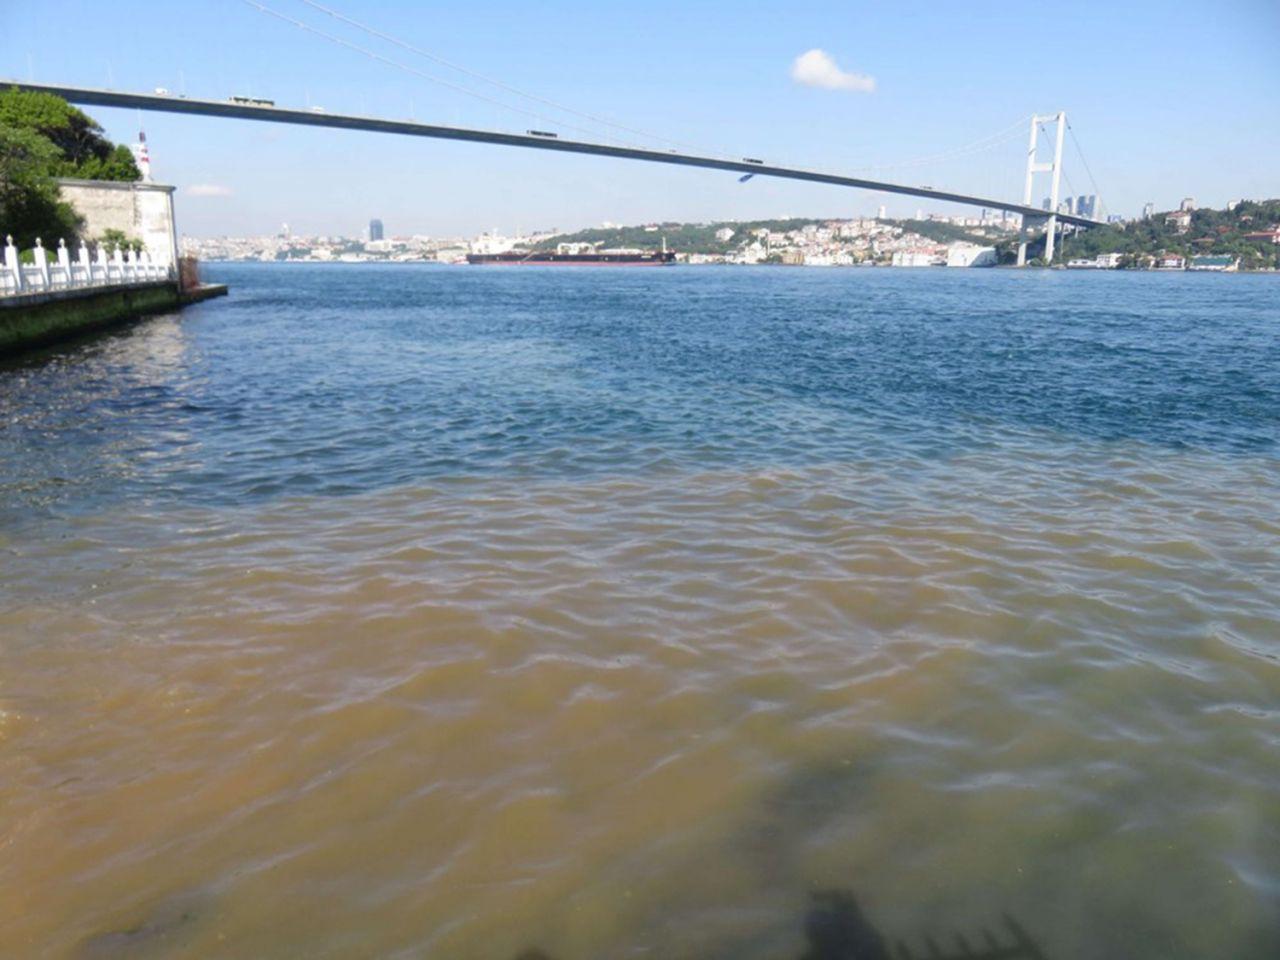 Bu sefer müsilaj değil: İstanbul Boğazı'nın rengi değişti - Resim: 4